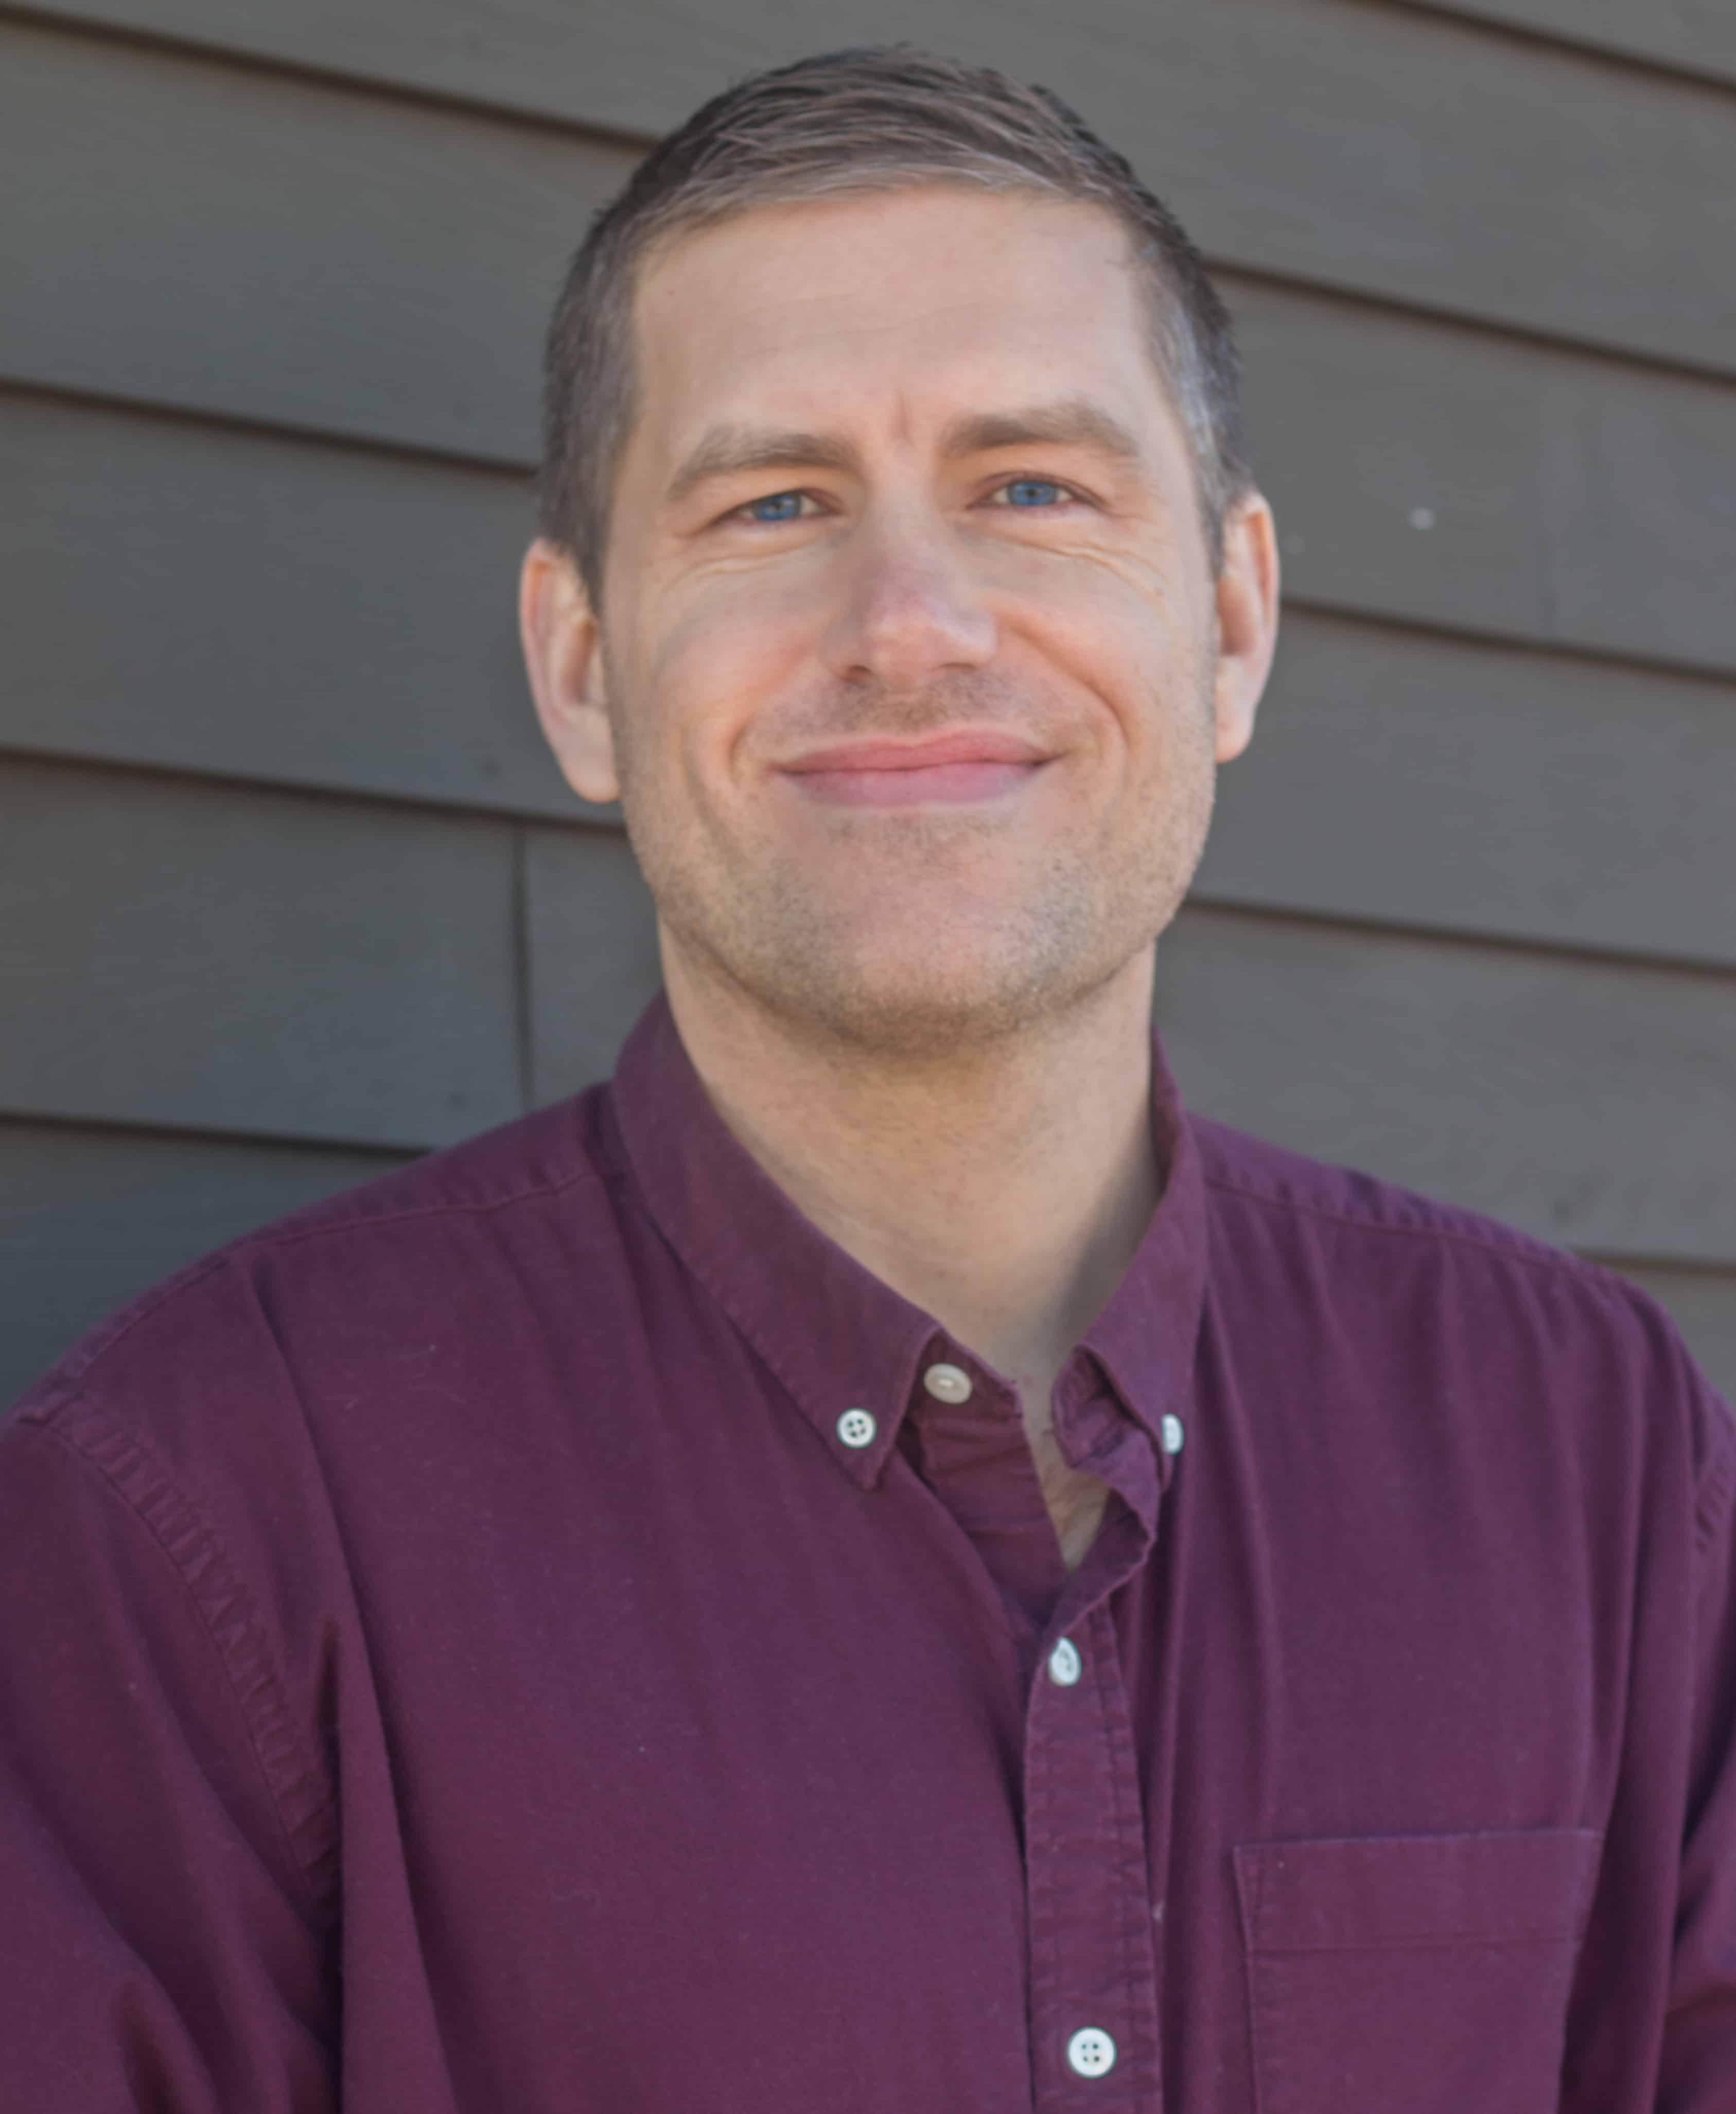 Jesse McCue